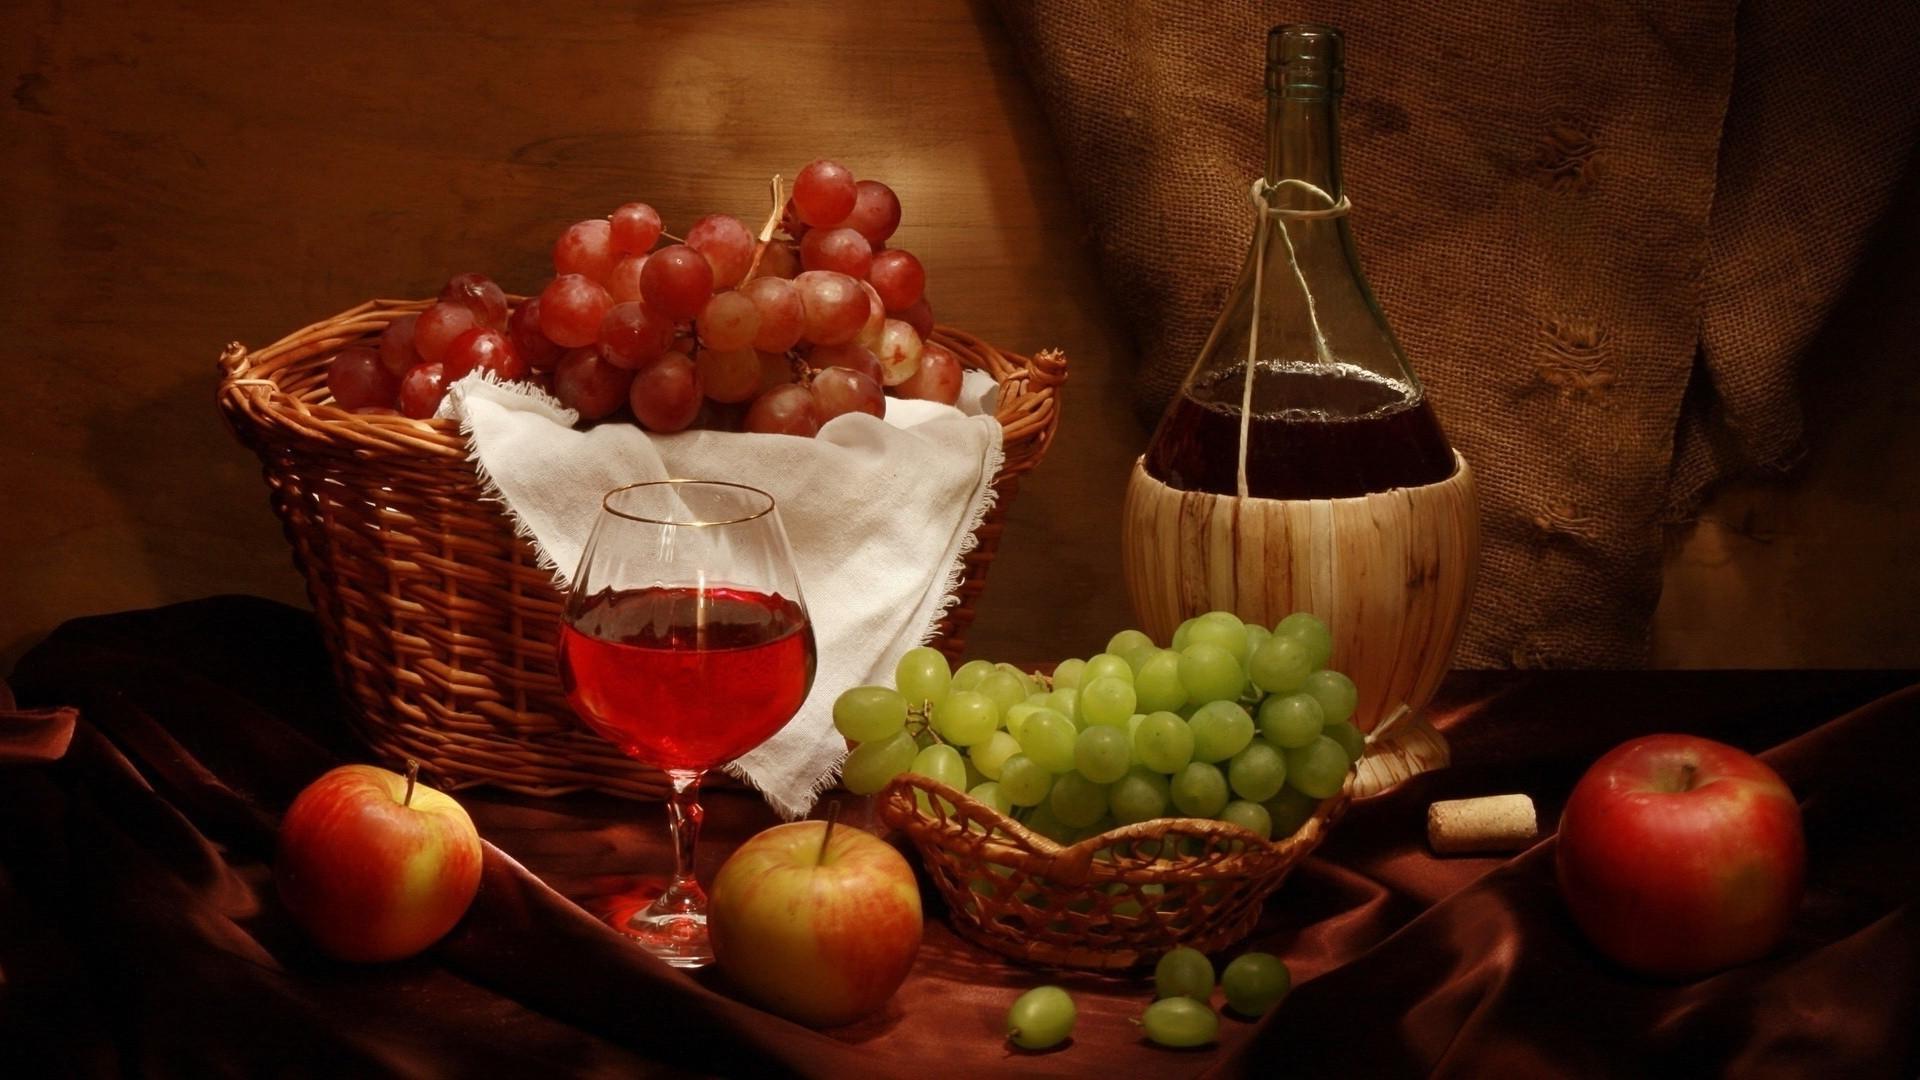 натюрморт с фруктами загрузить